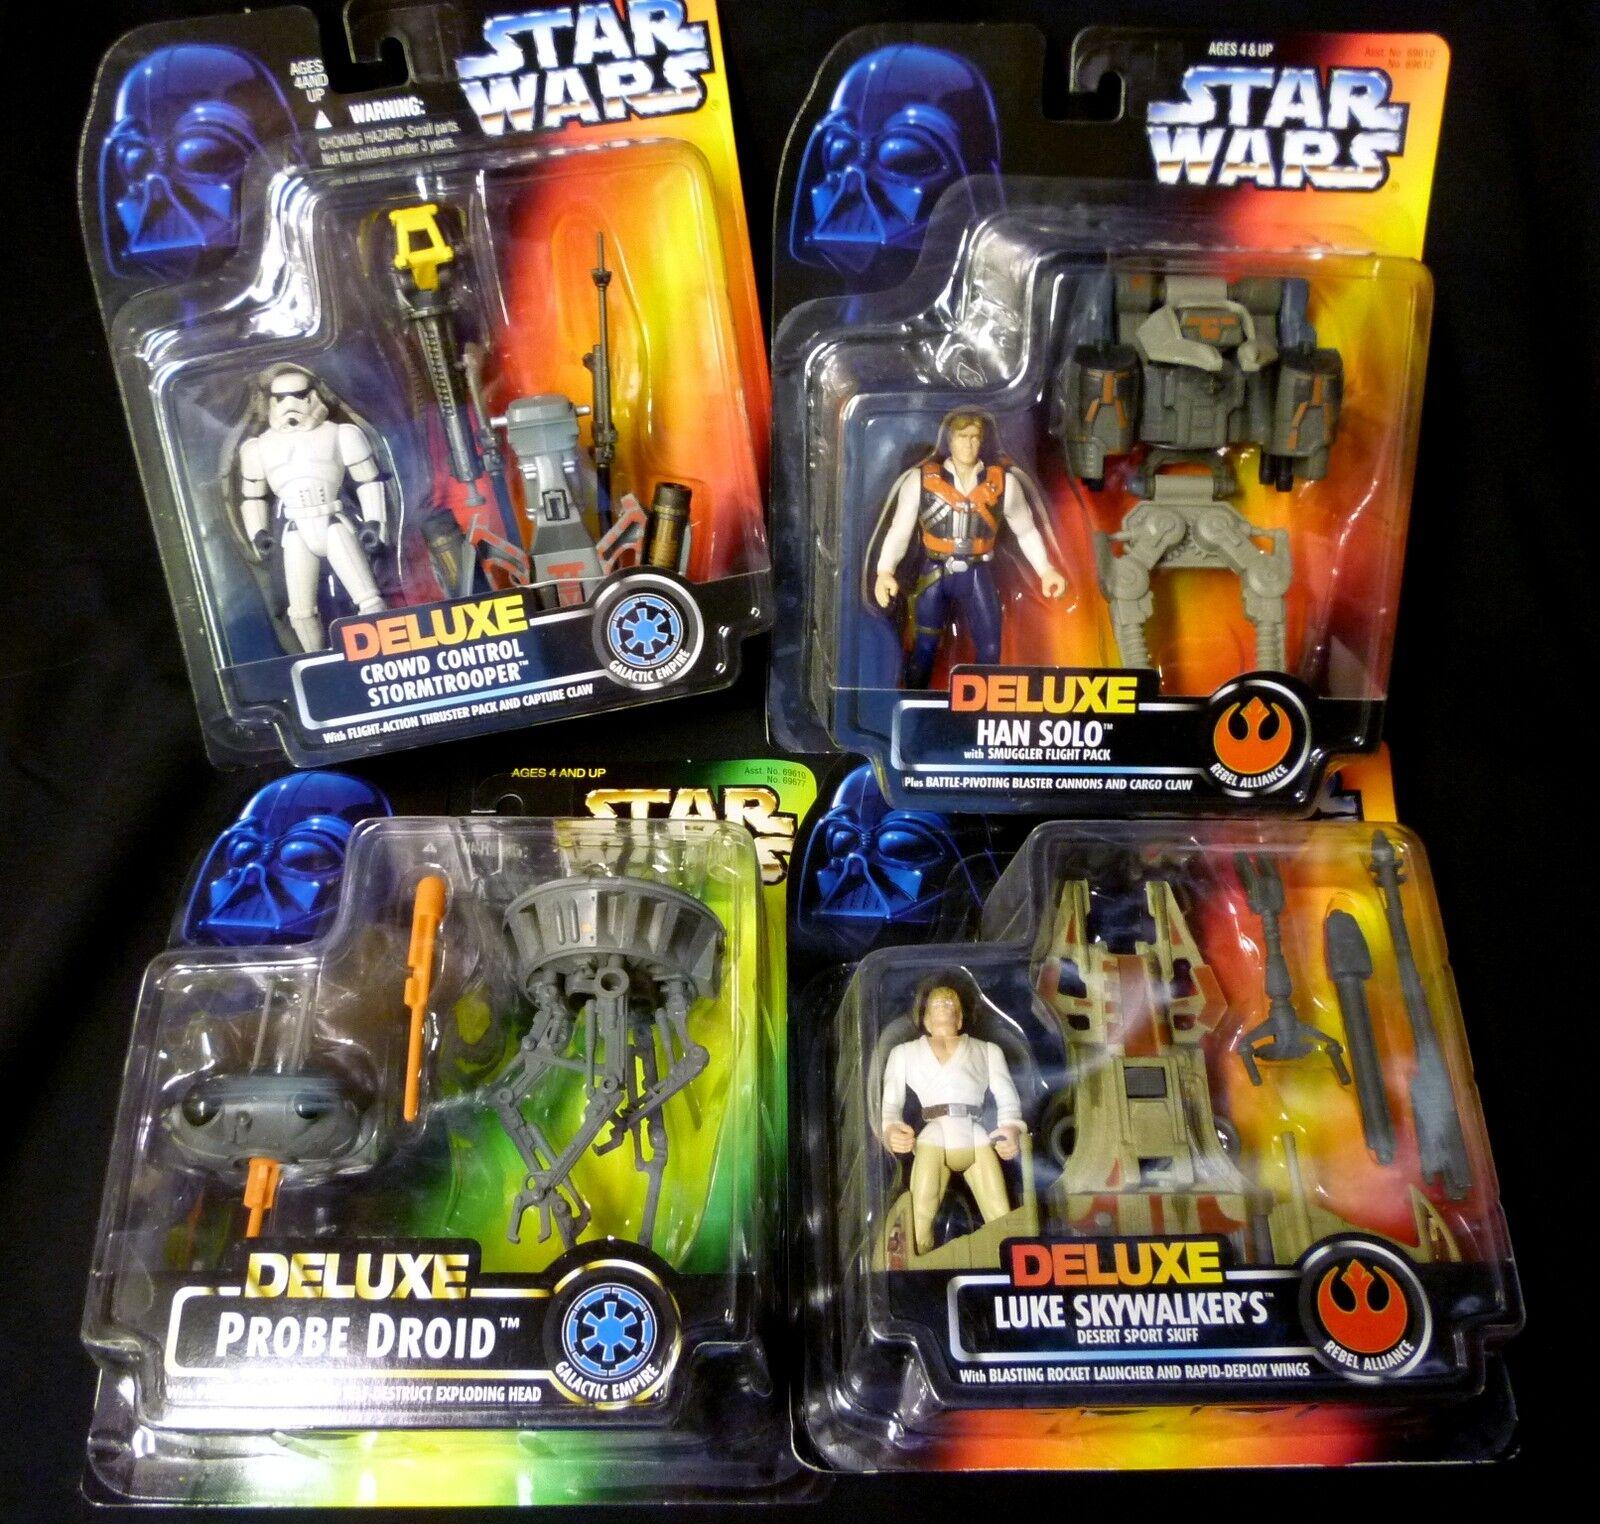 Star - wars - hasbro deluxe satz 4 luke skywalker han solo suchdroide + 1996.